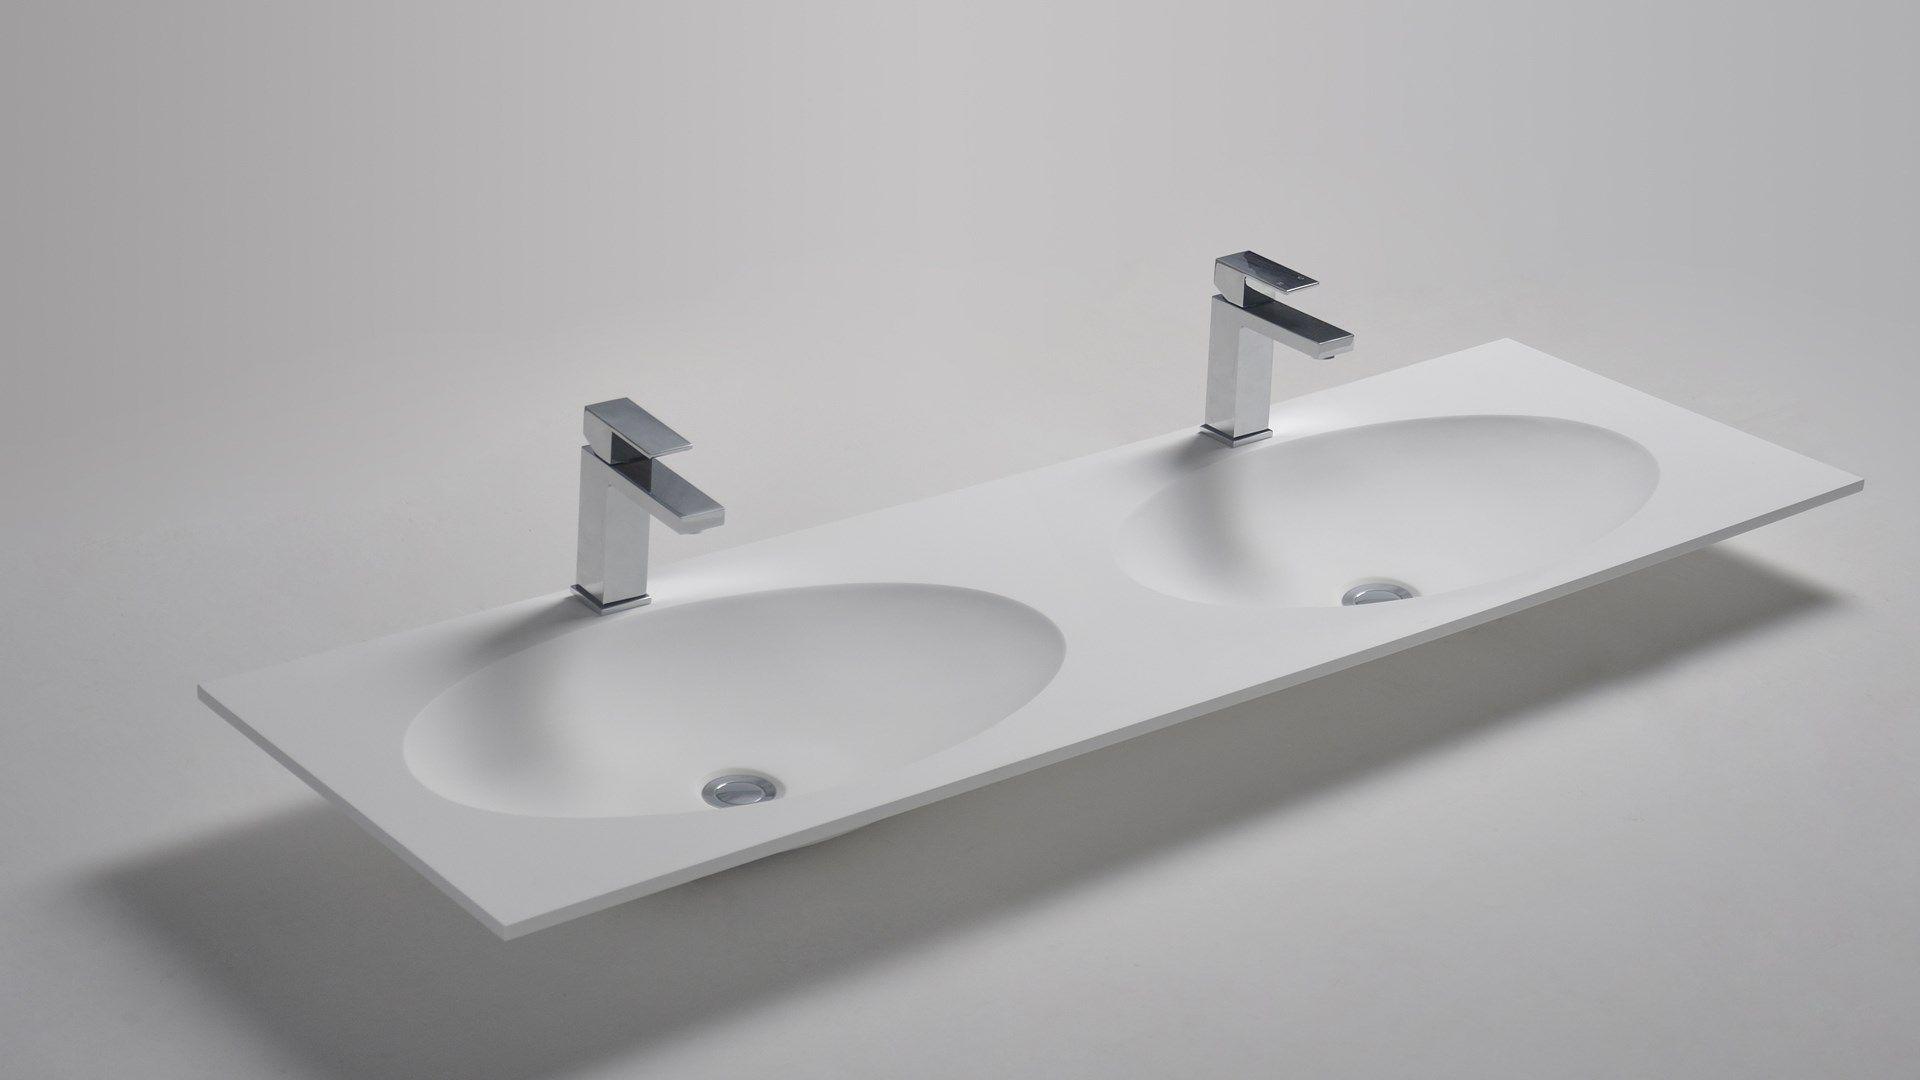 Keramische tegels houtlook badkamer - Wastafel badkamer ontwerp ...